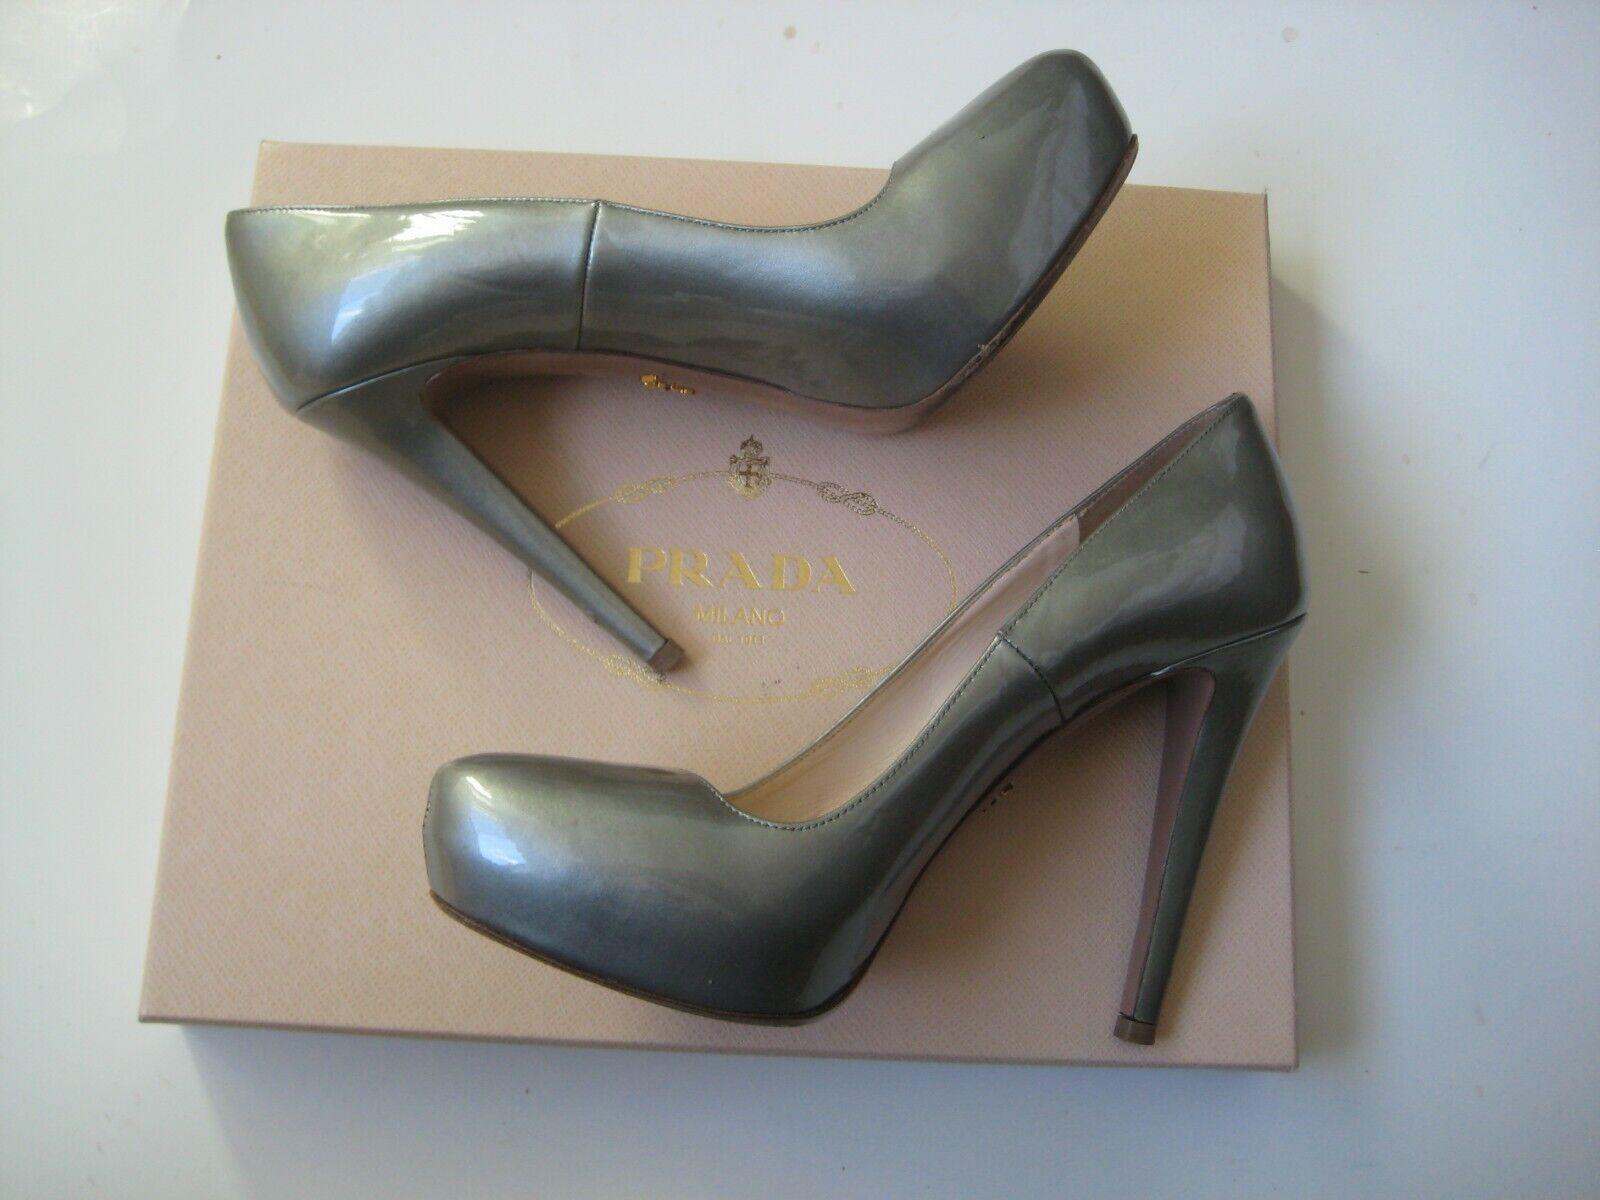 Authentic Prada Patent Leather  Platform Heels Pumps shoes Size 38 US 8